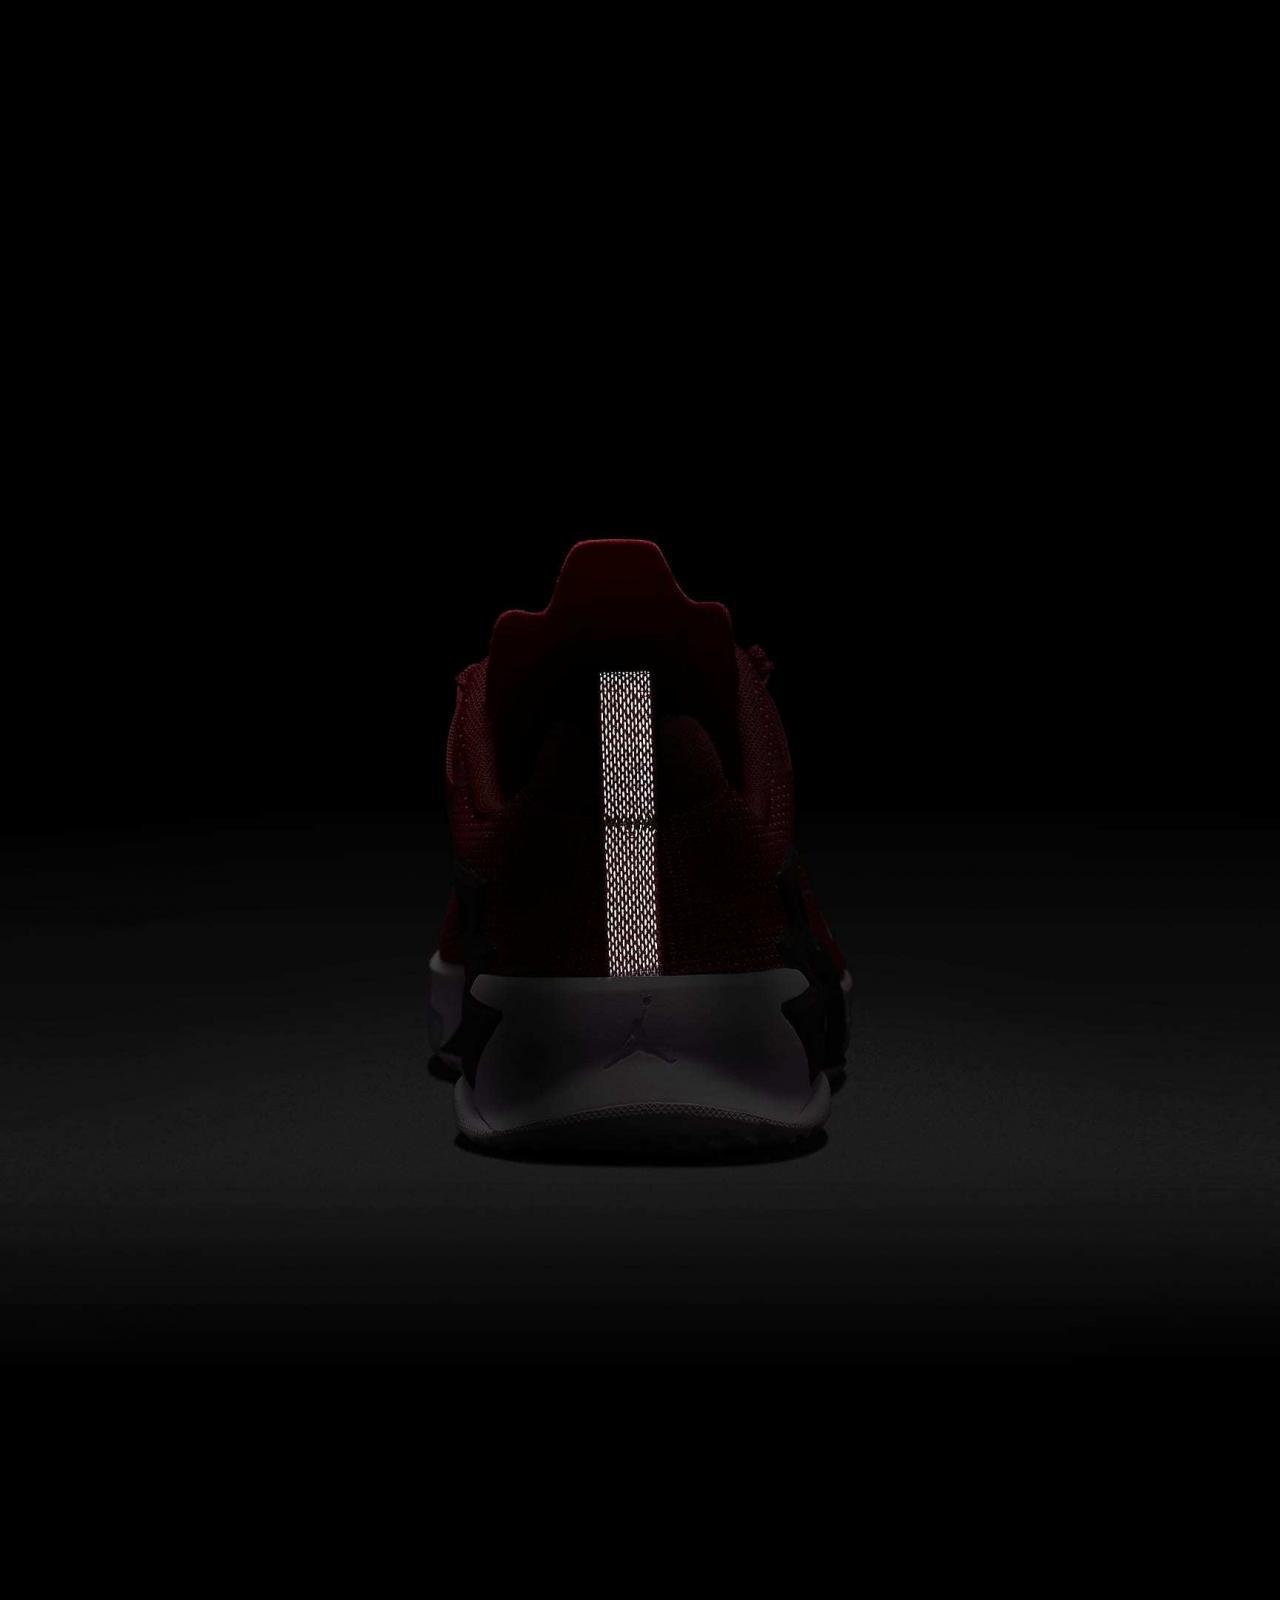 Jordan品牌推出全新Jordan Alpha 360 TR (Oklahoma)